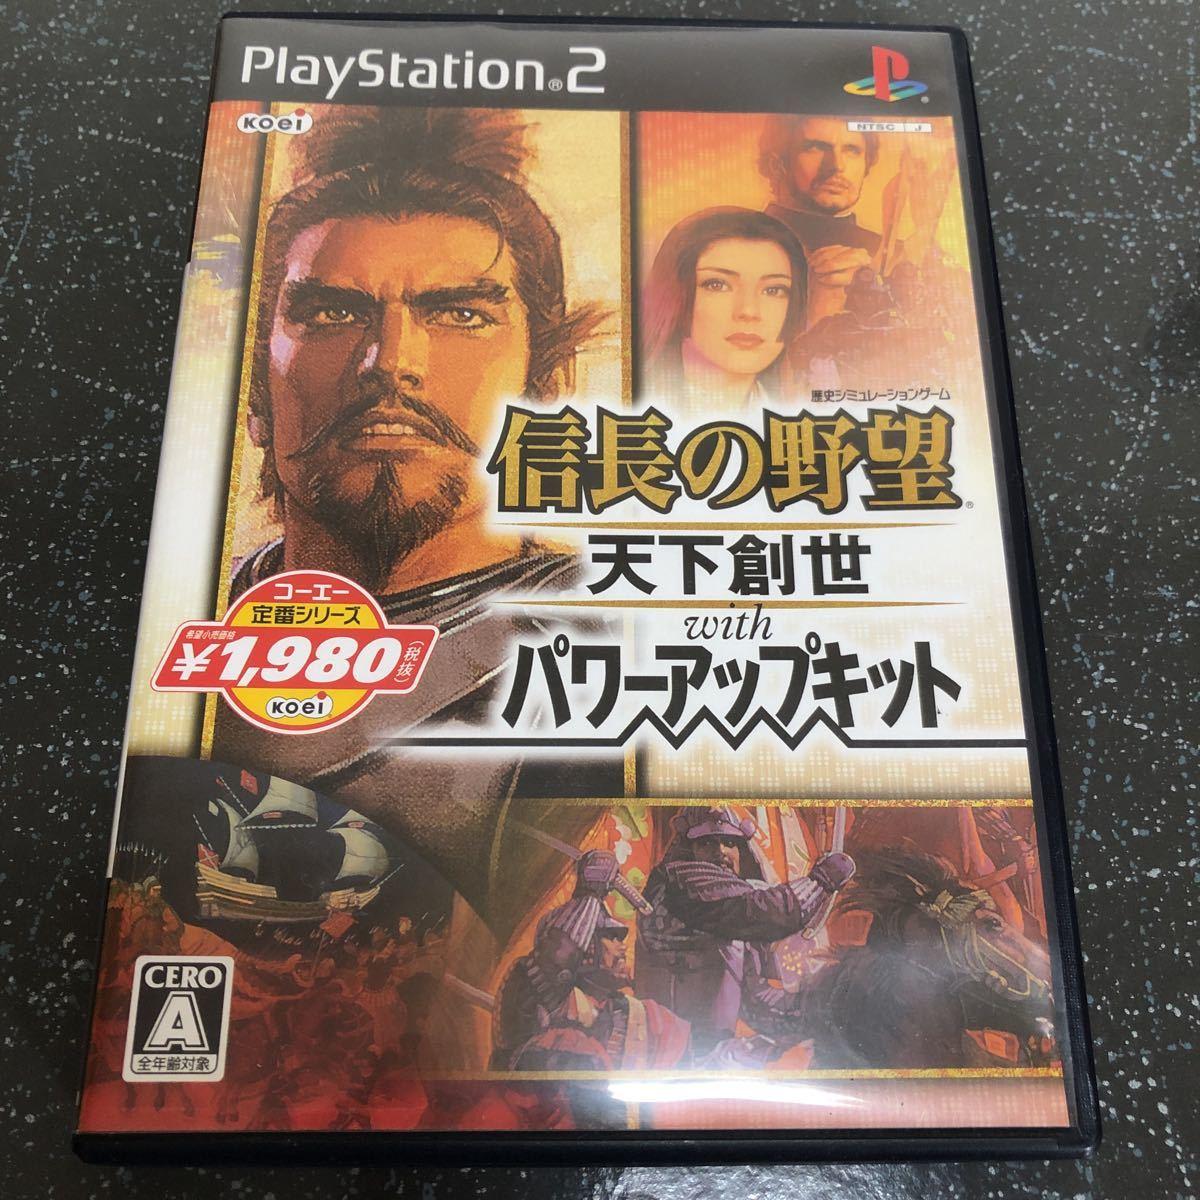 信長の野望・天下創世 with パワーアップキット PS2 【2272】